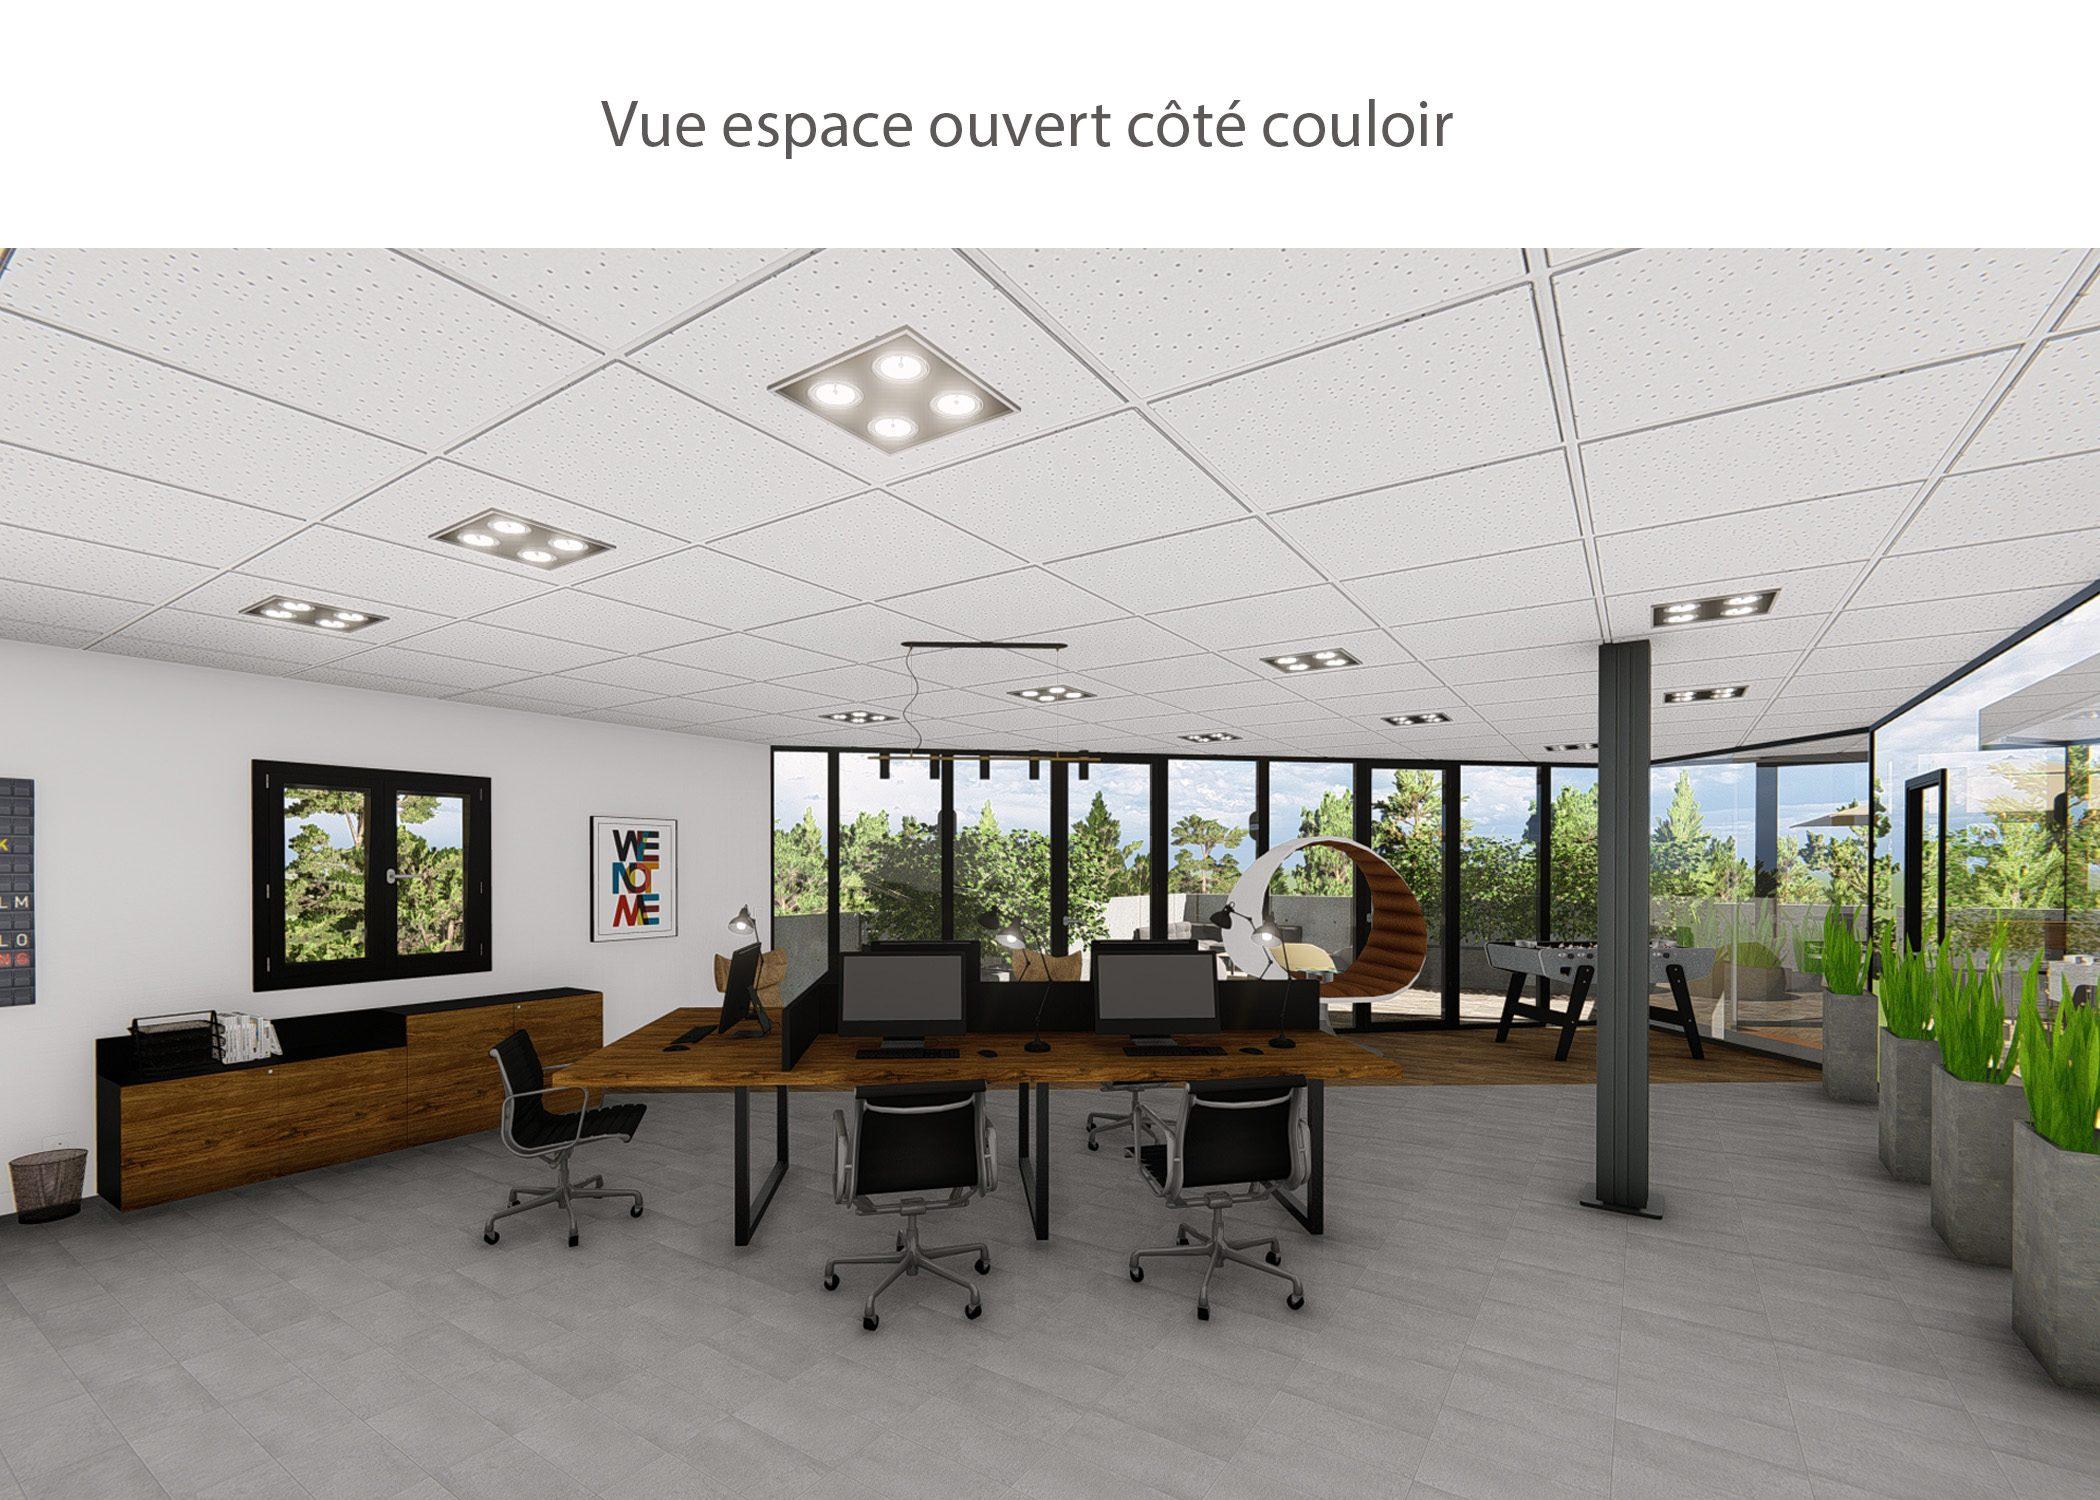 amenagement-decoration-start-up vente en ligne-region parisienne-espace ouvert cote couloir-dekho design